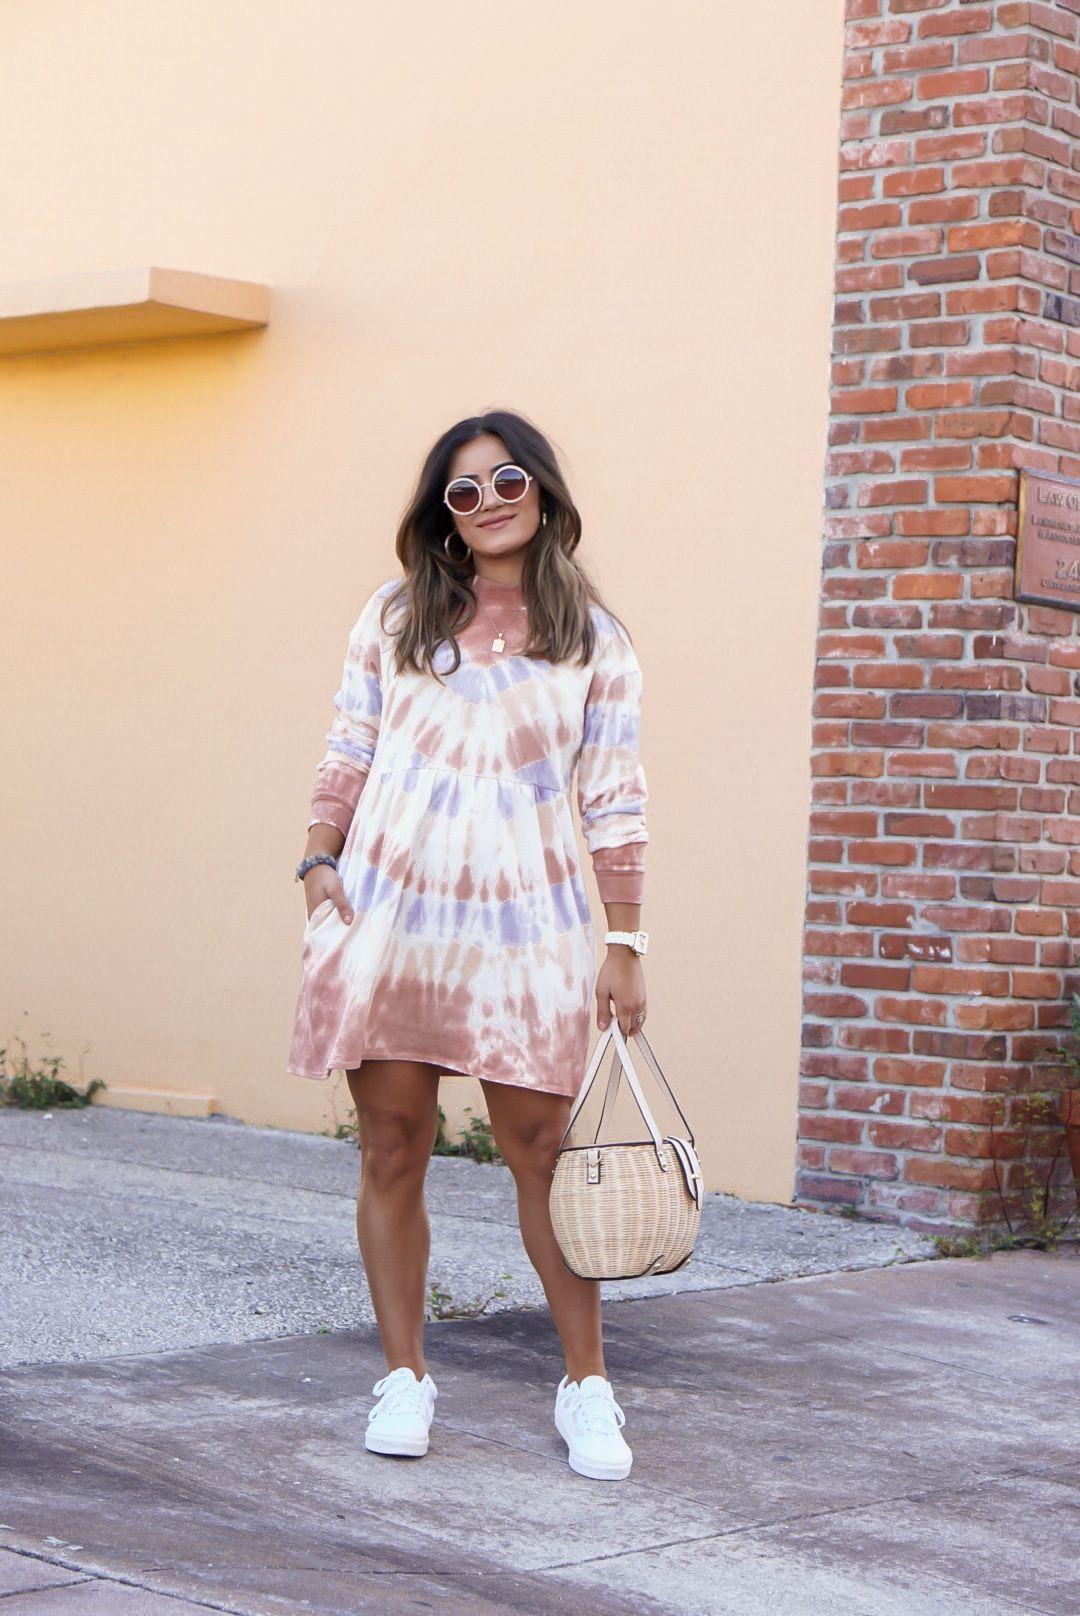 Tie Dye Dress Outfit 35 Tie Dye Pieces To Shop Sugar Love Chic Tie Dye Dress Outfit Tie Dye Dress Tie Dye Outfits [ 1616 x 1080 Pixel ]